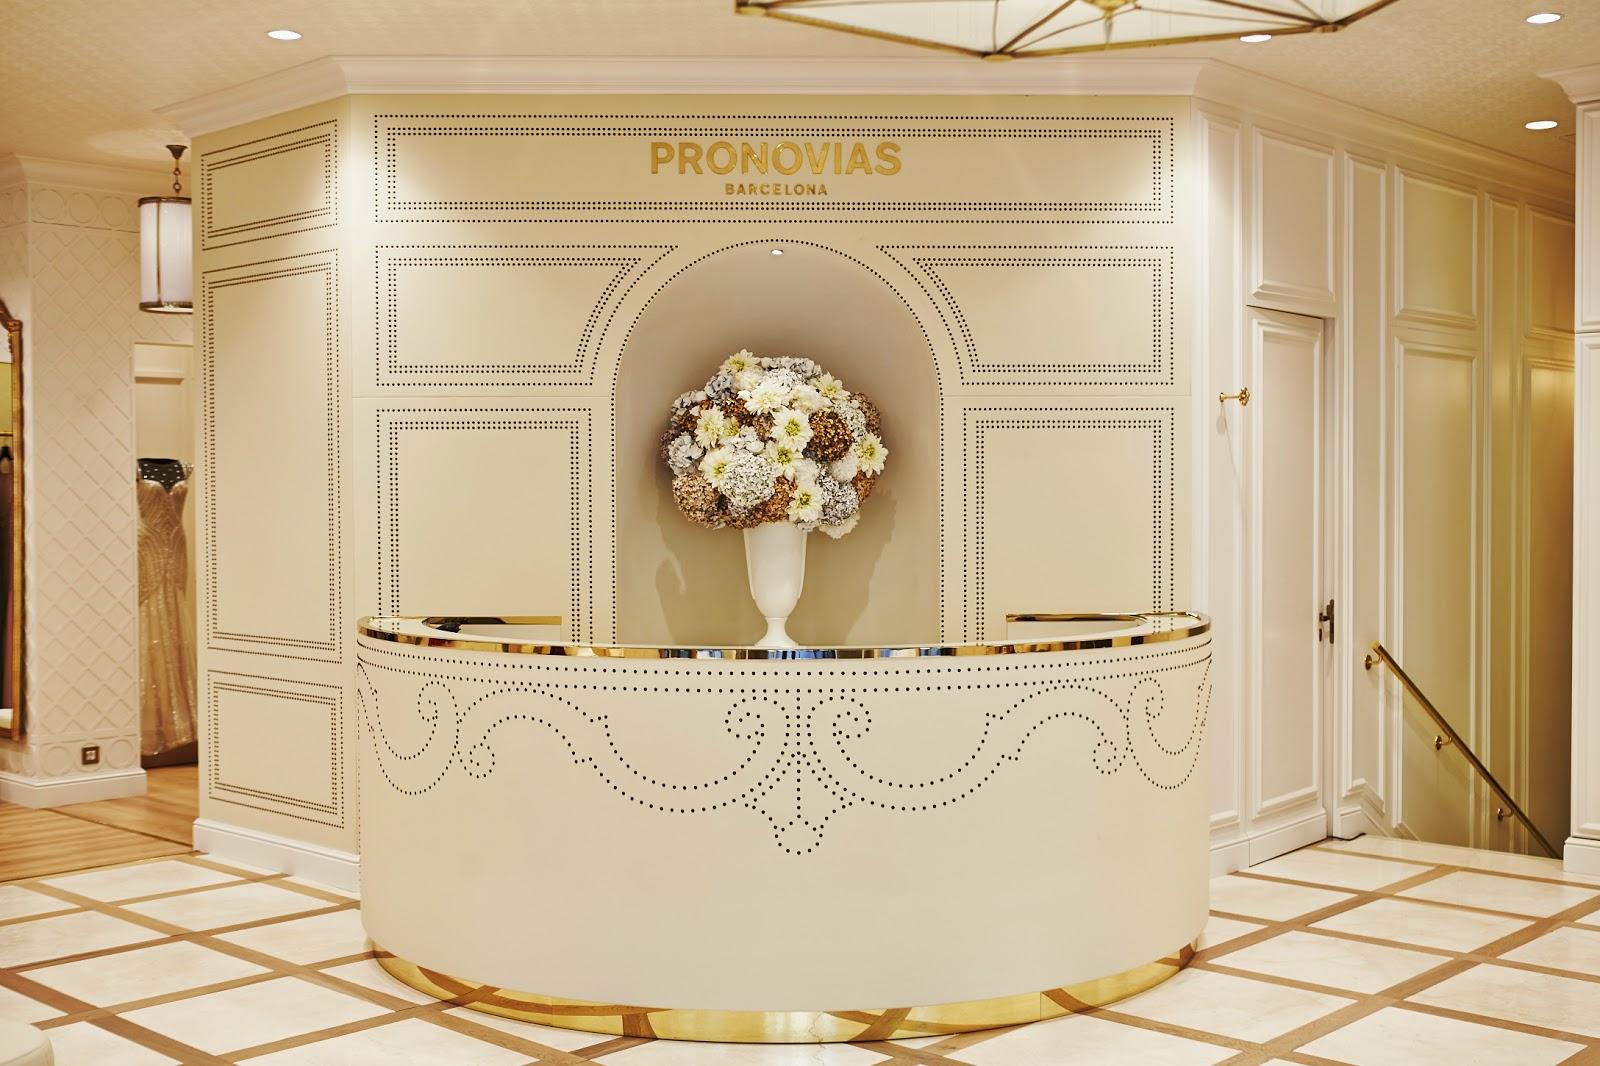 nueva flagship store pronovias barcelona rambla catalunya pso de gracia